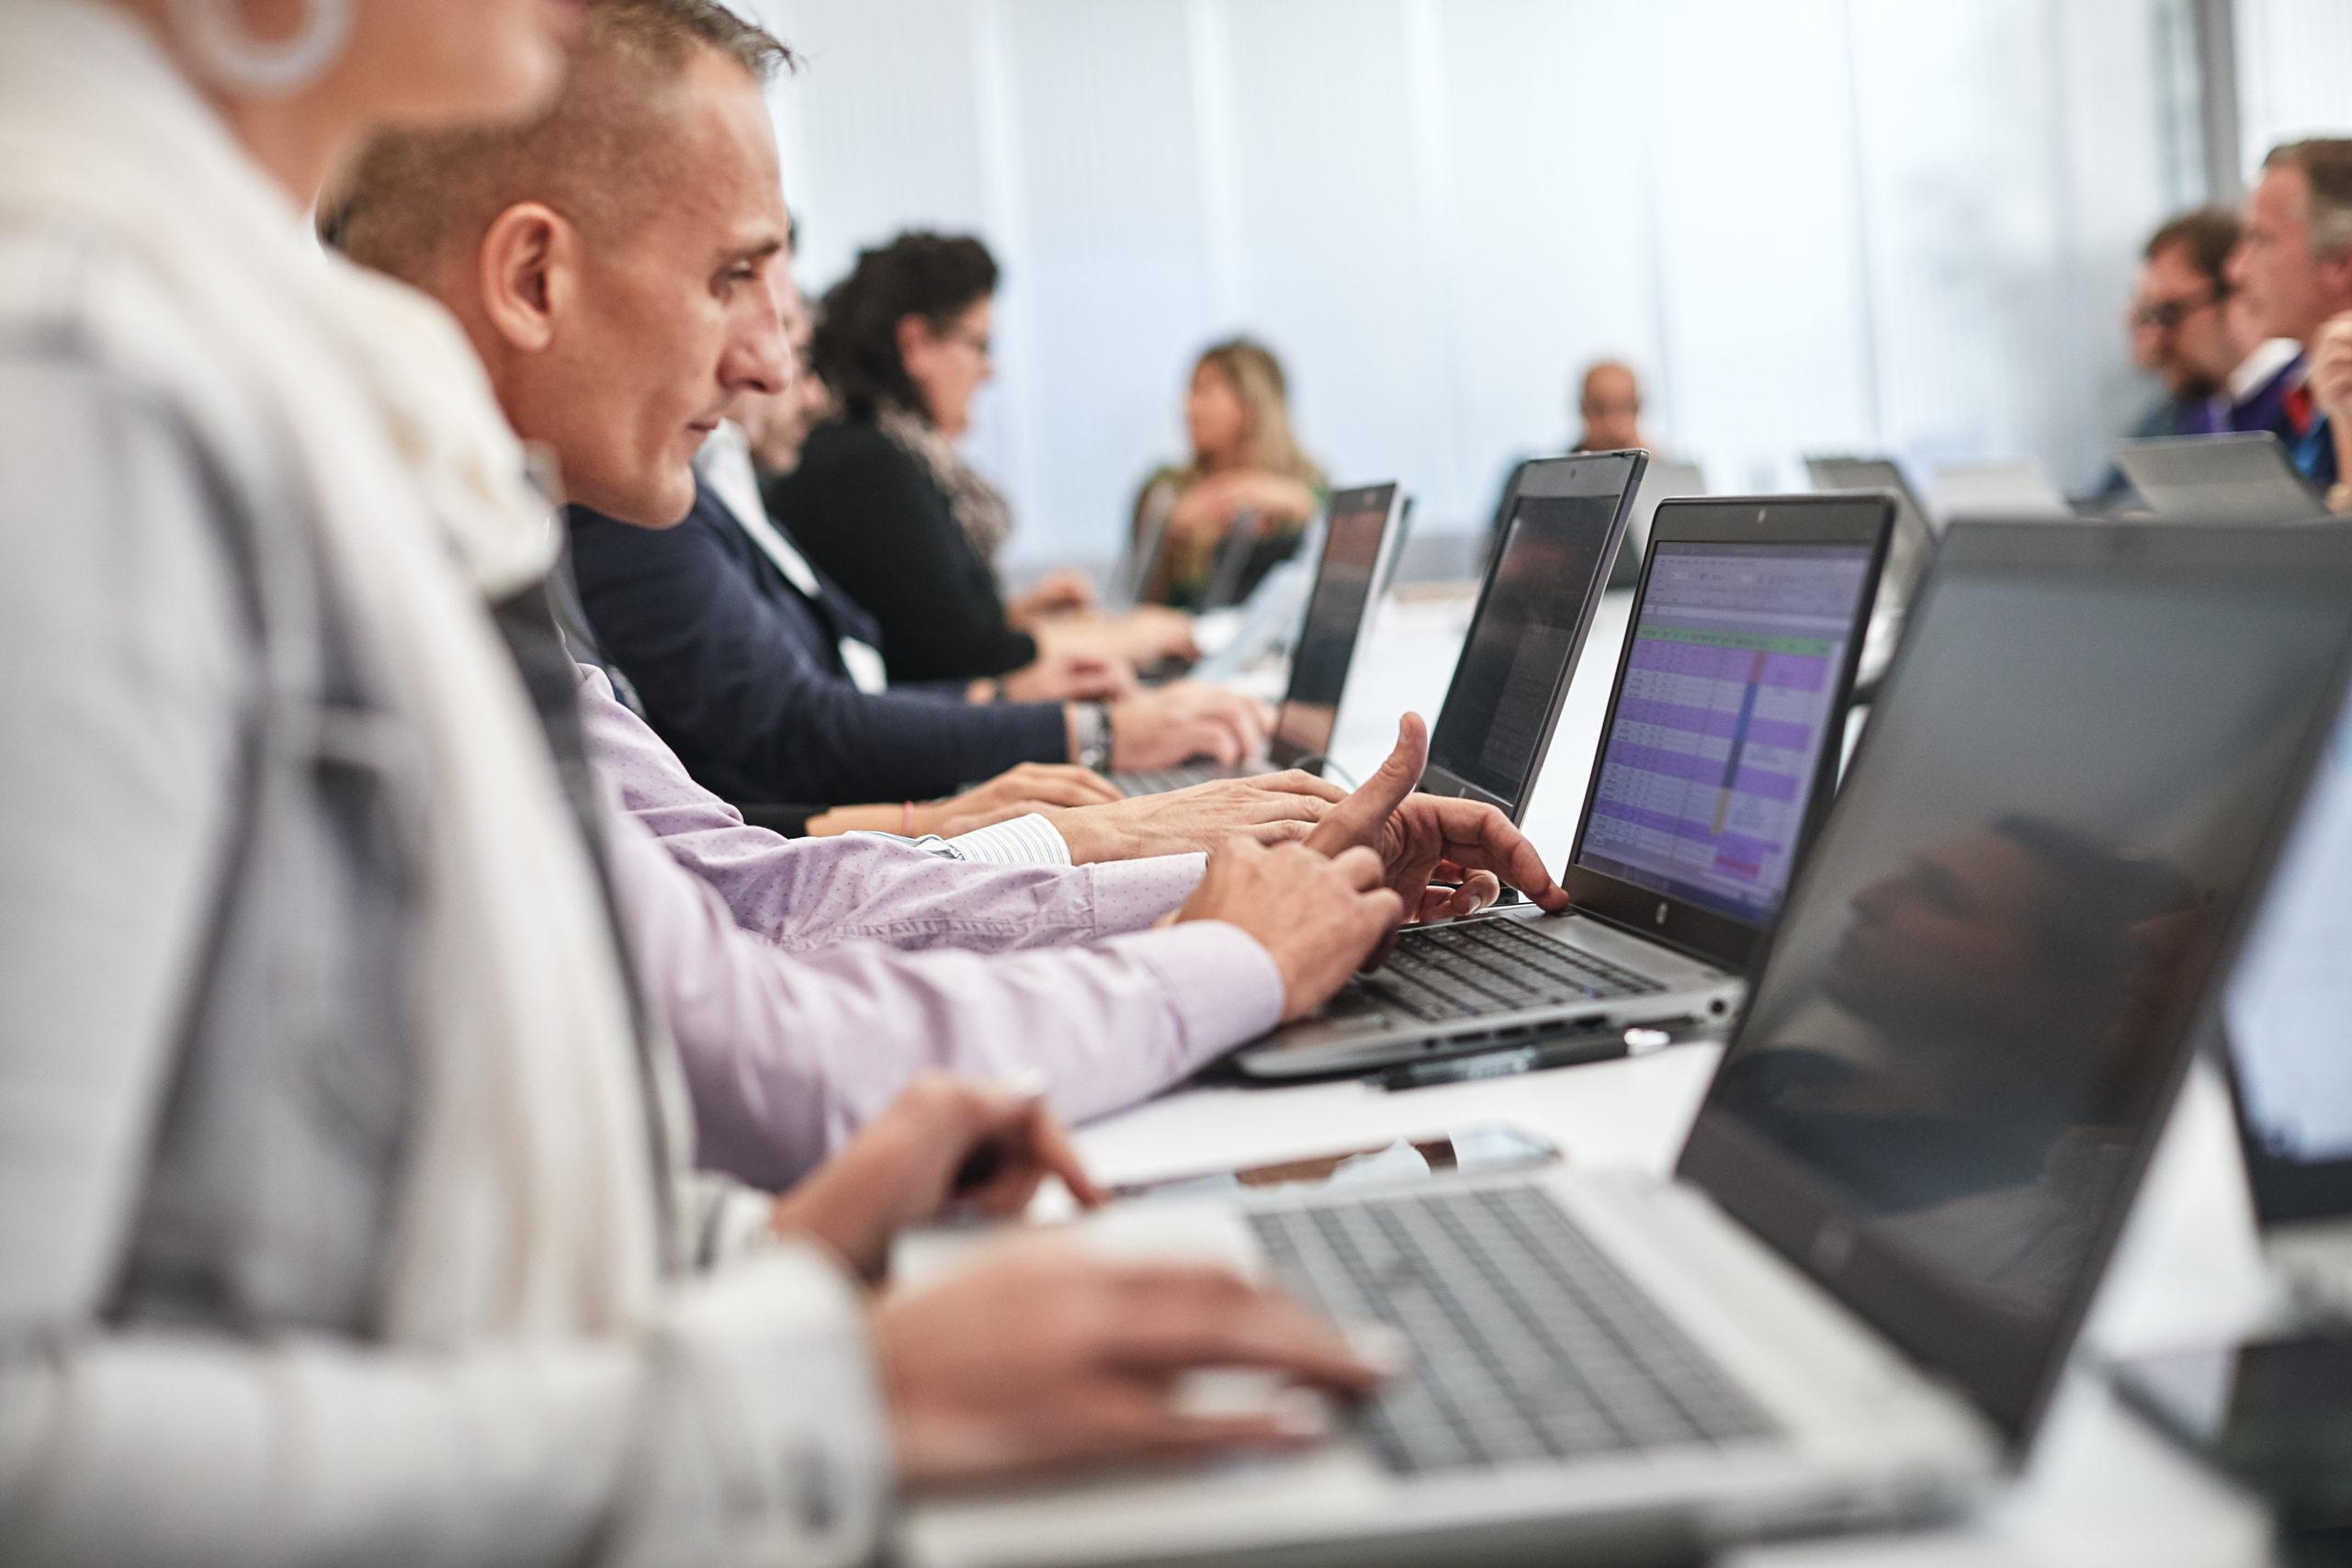 Immagini corporate aiendali riunione operativa